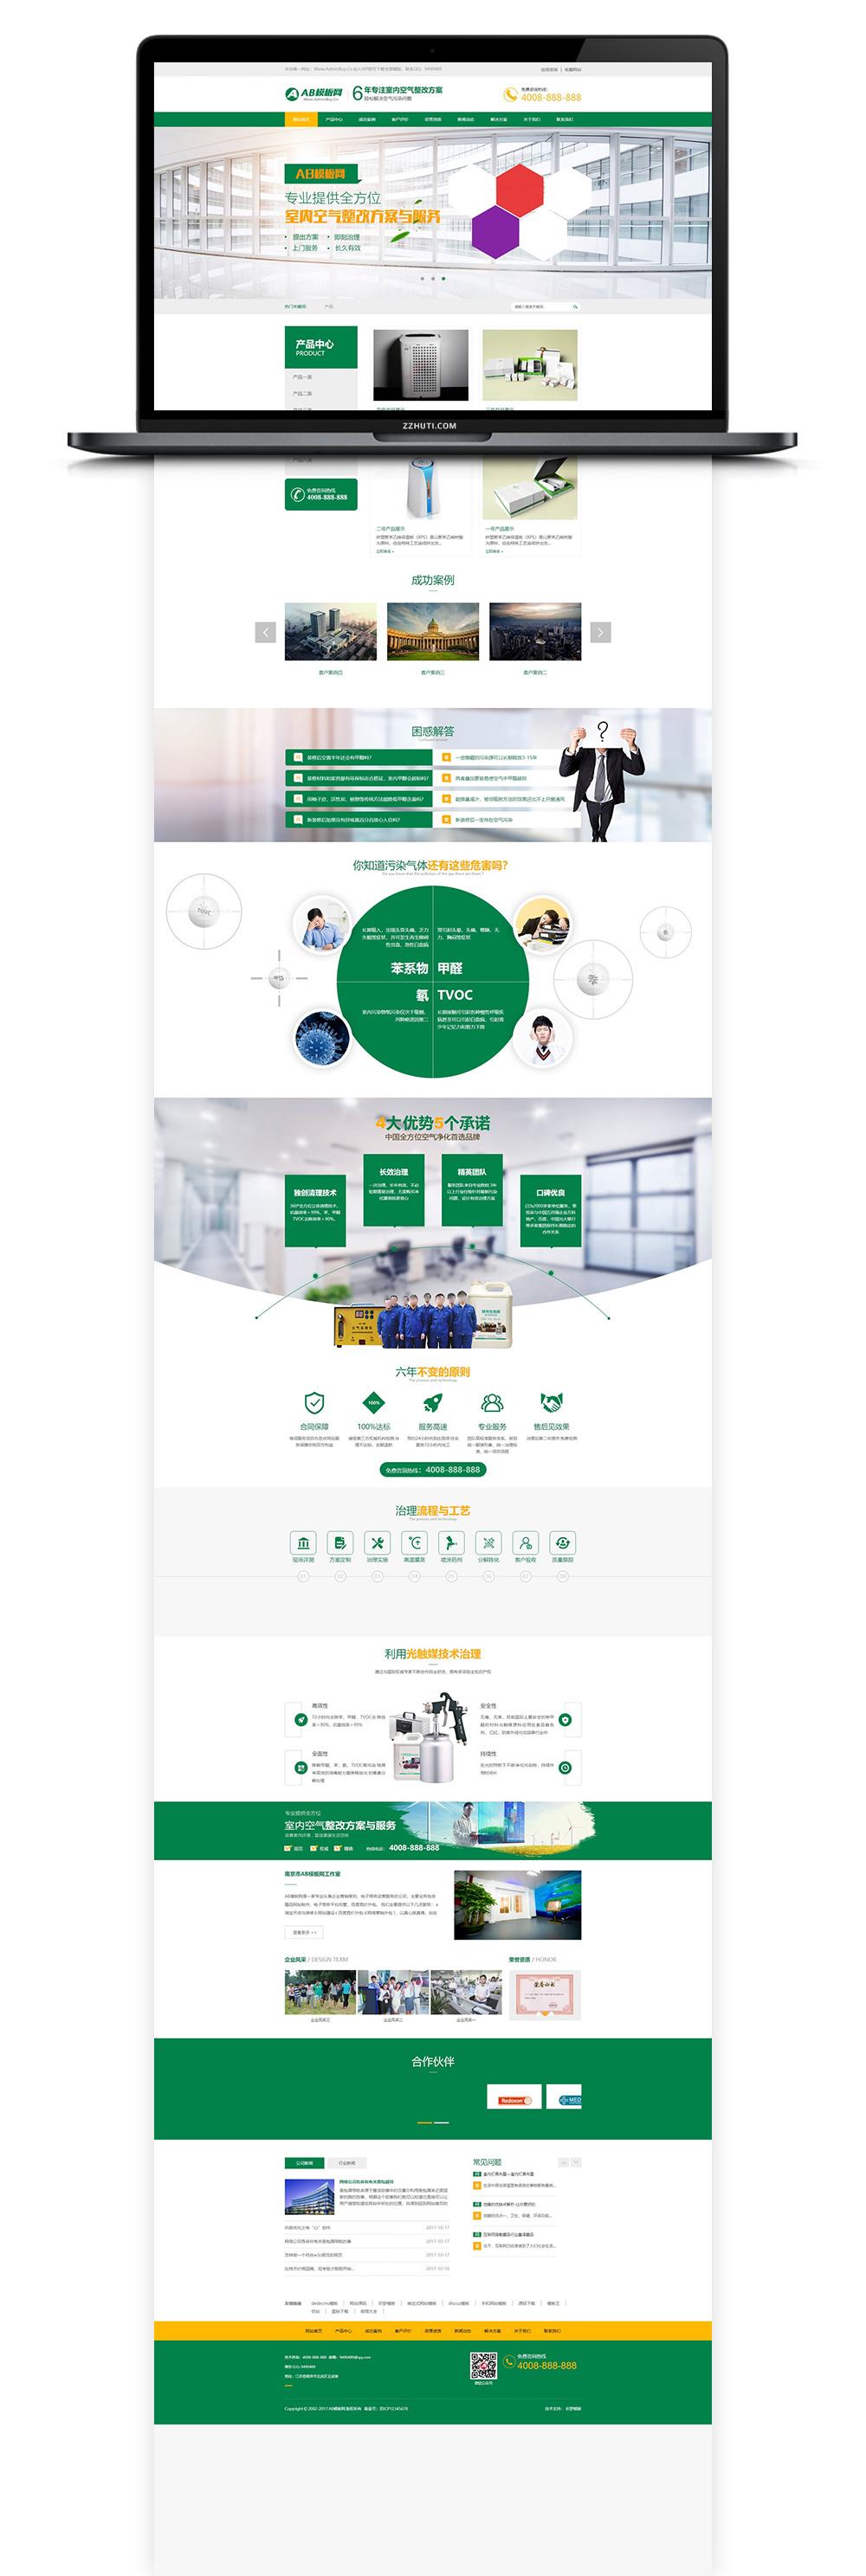 【营销型网站】织梦cms绿色模板 网站源码自适应手机版-找主题源码